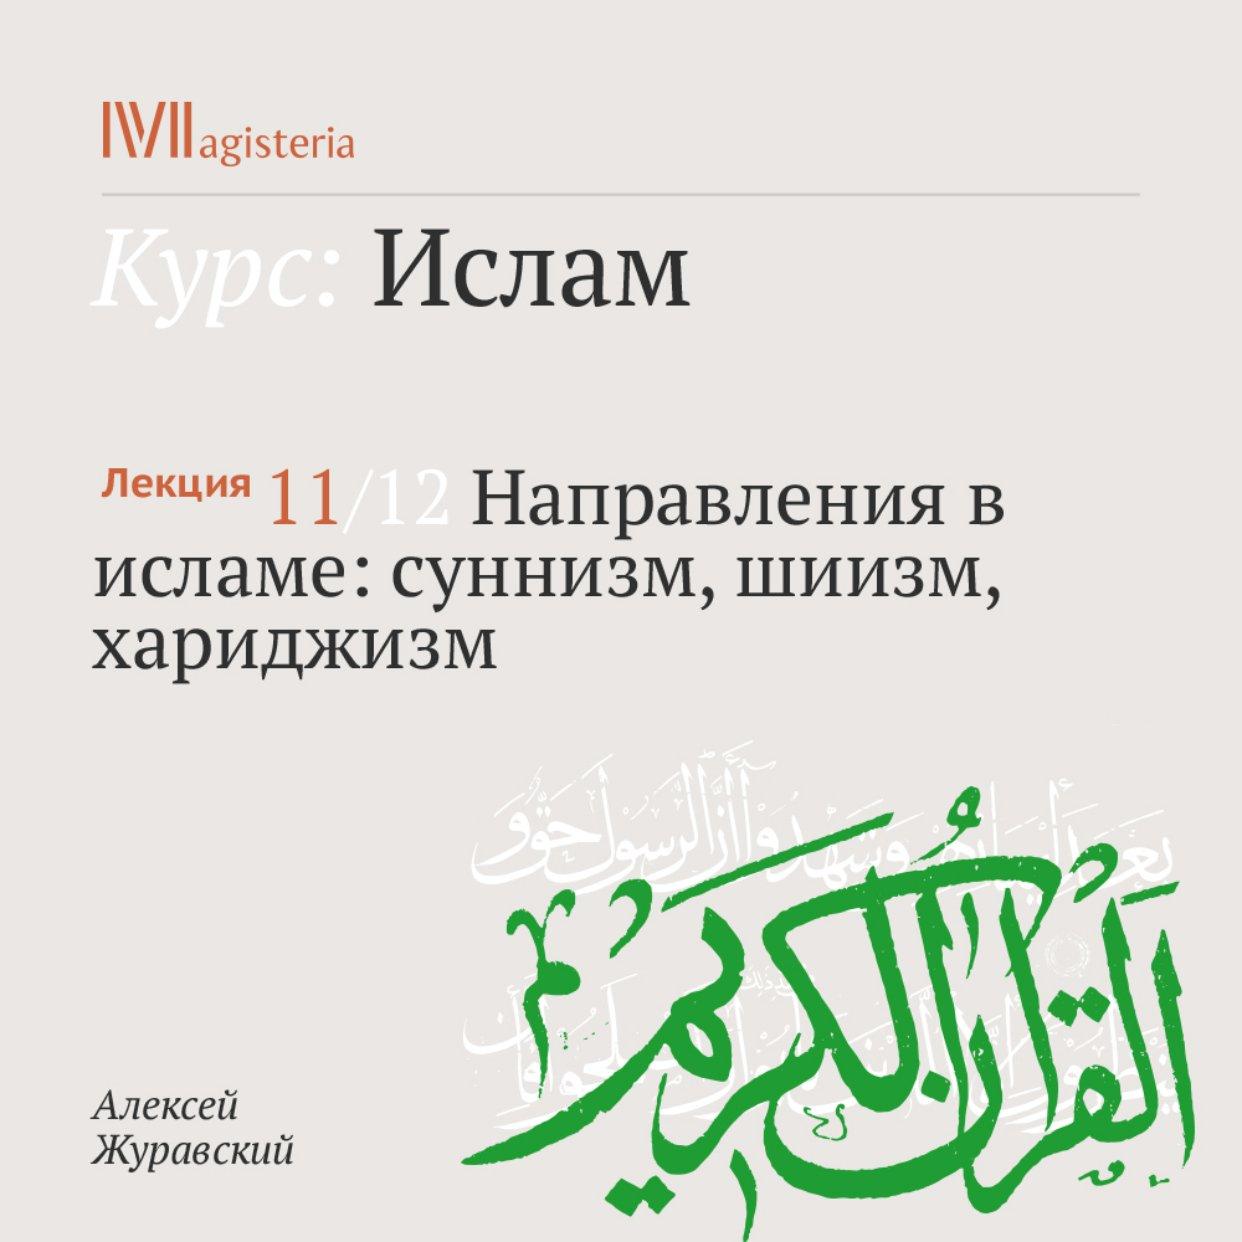 Направления в исламе: суннизм, шиизм, хариджизм